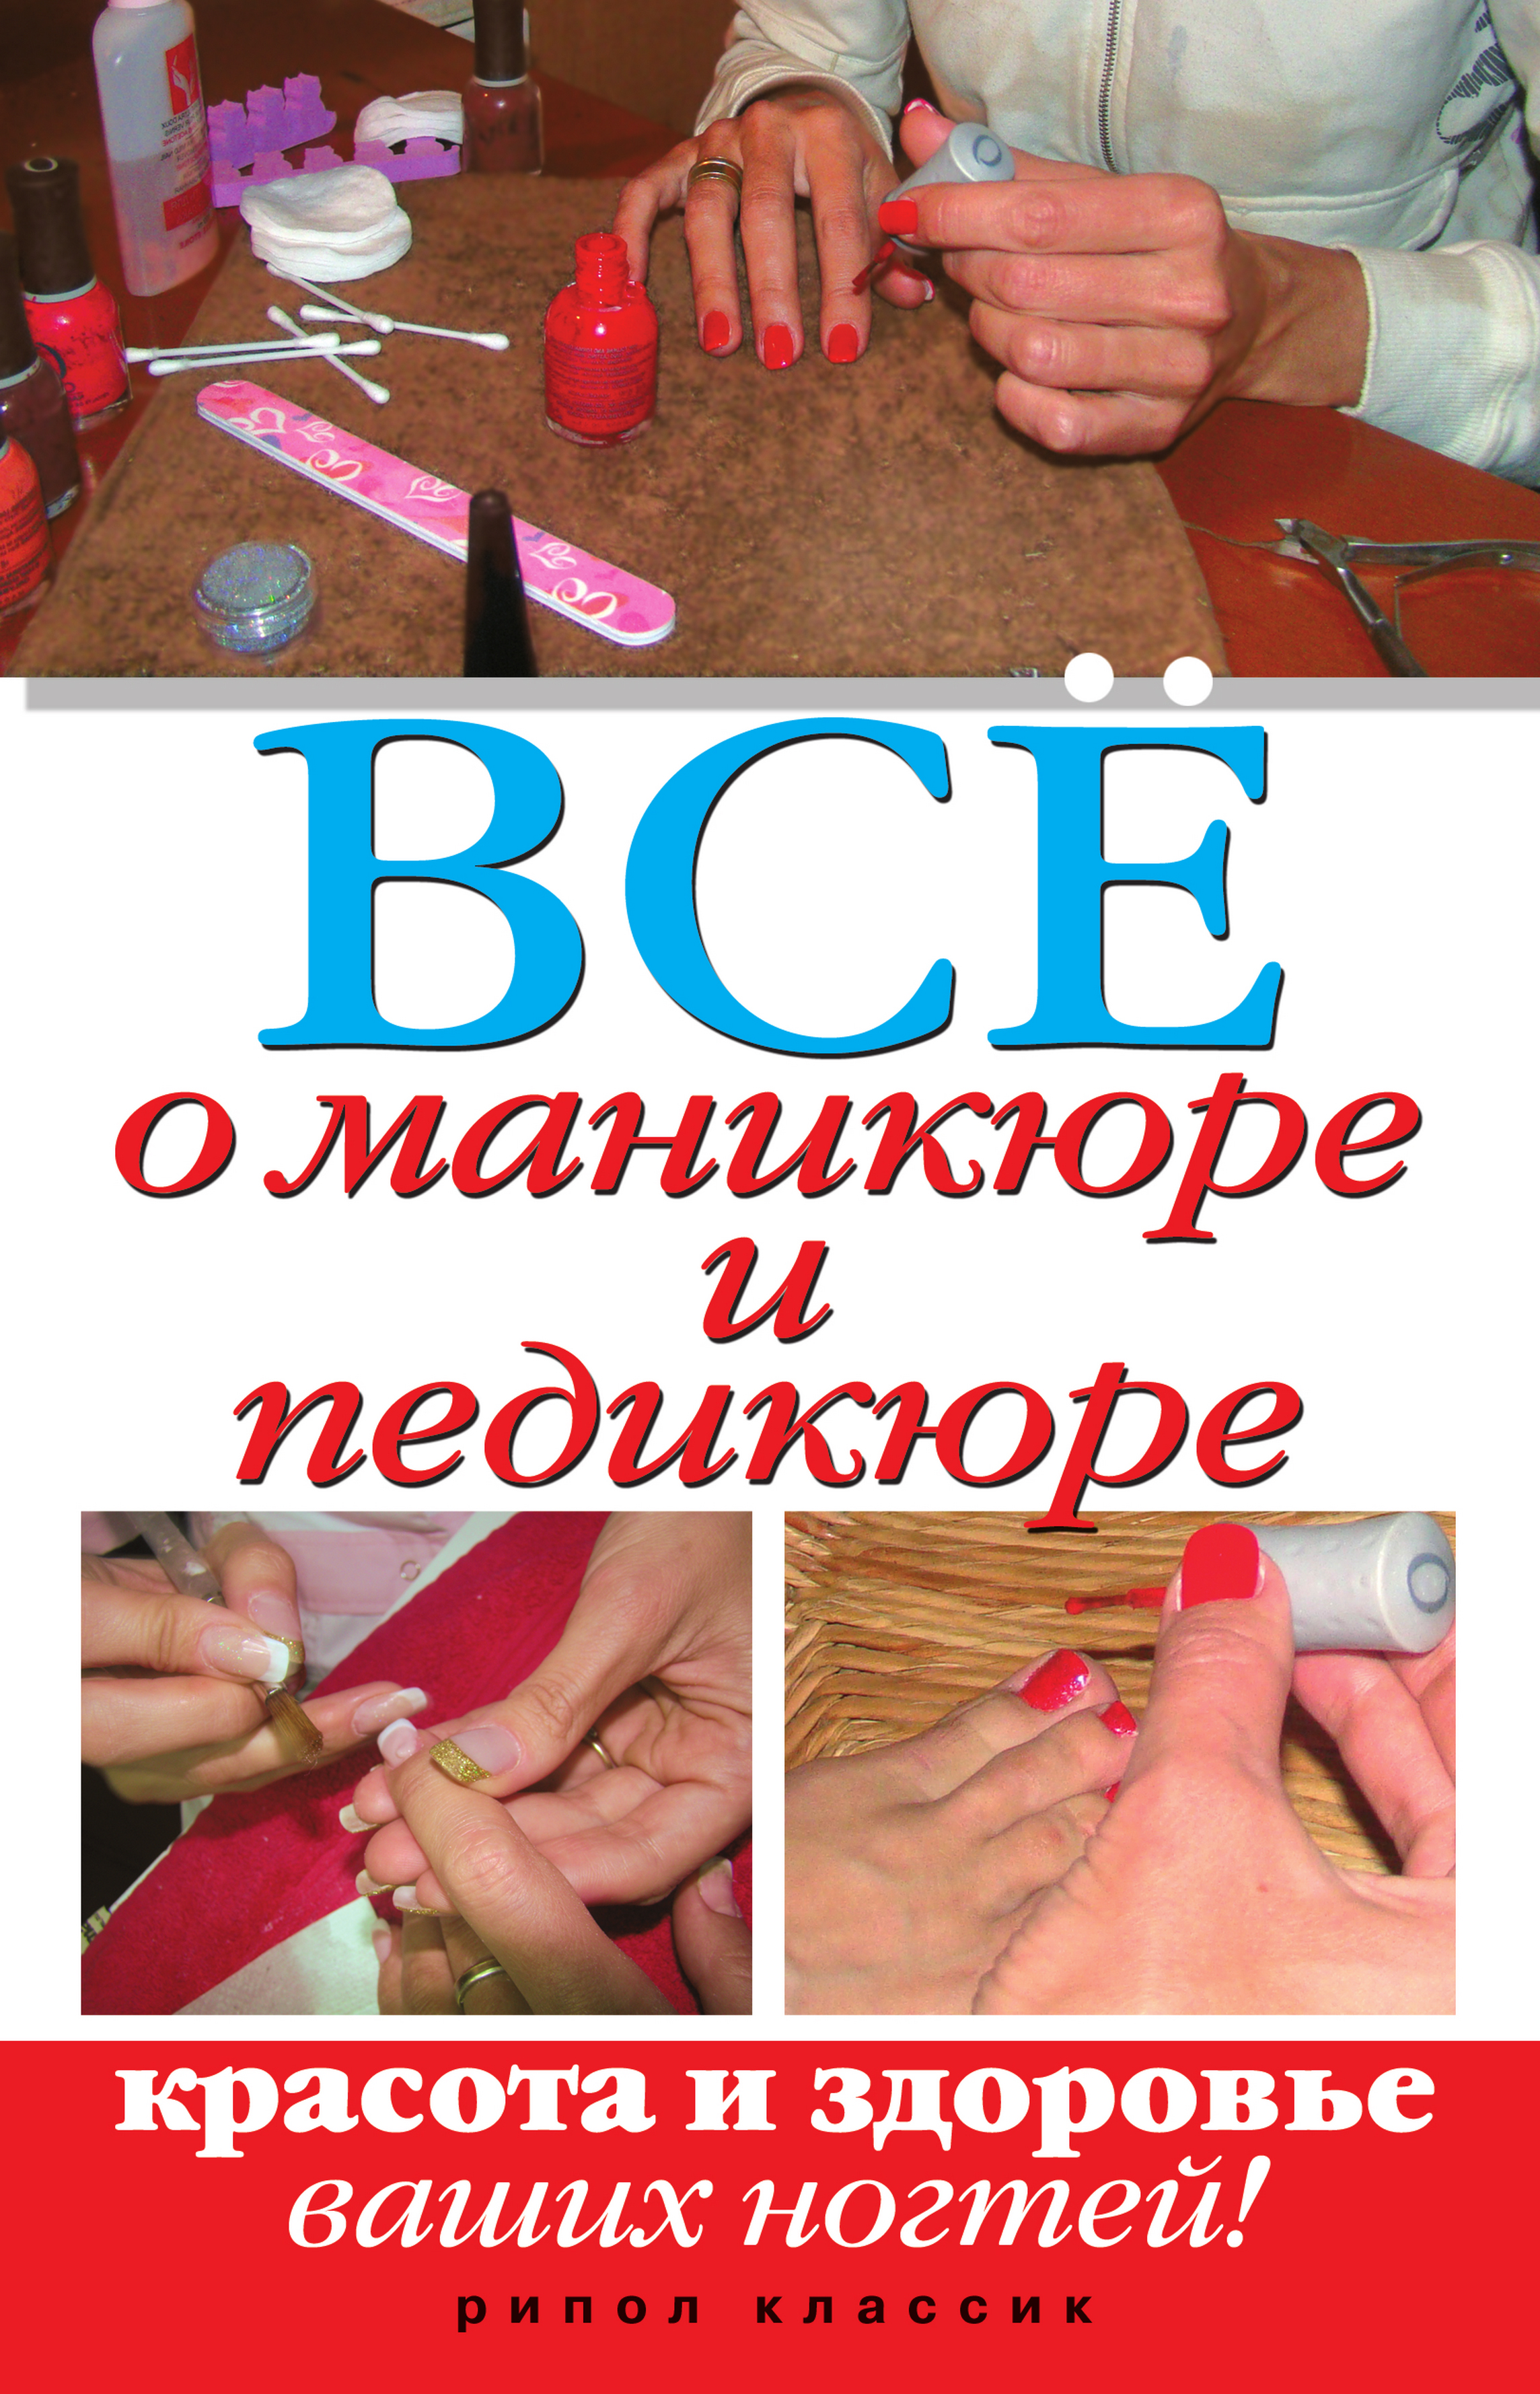 Отсутствует / Все о маникюре и педикюре. Красота и здоровье ваших ногтей